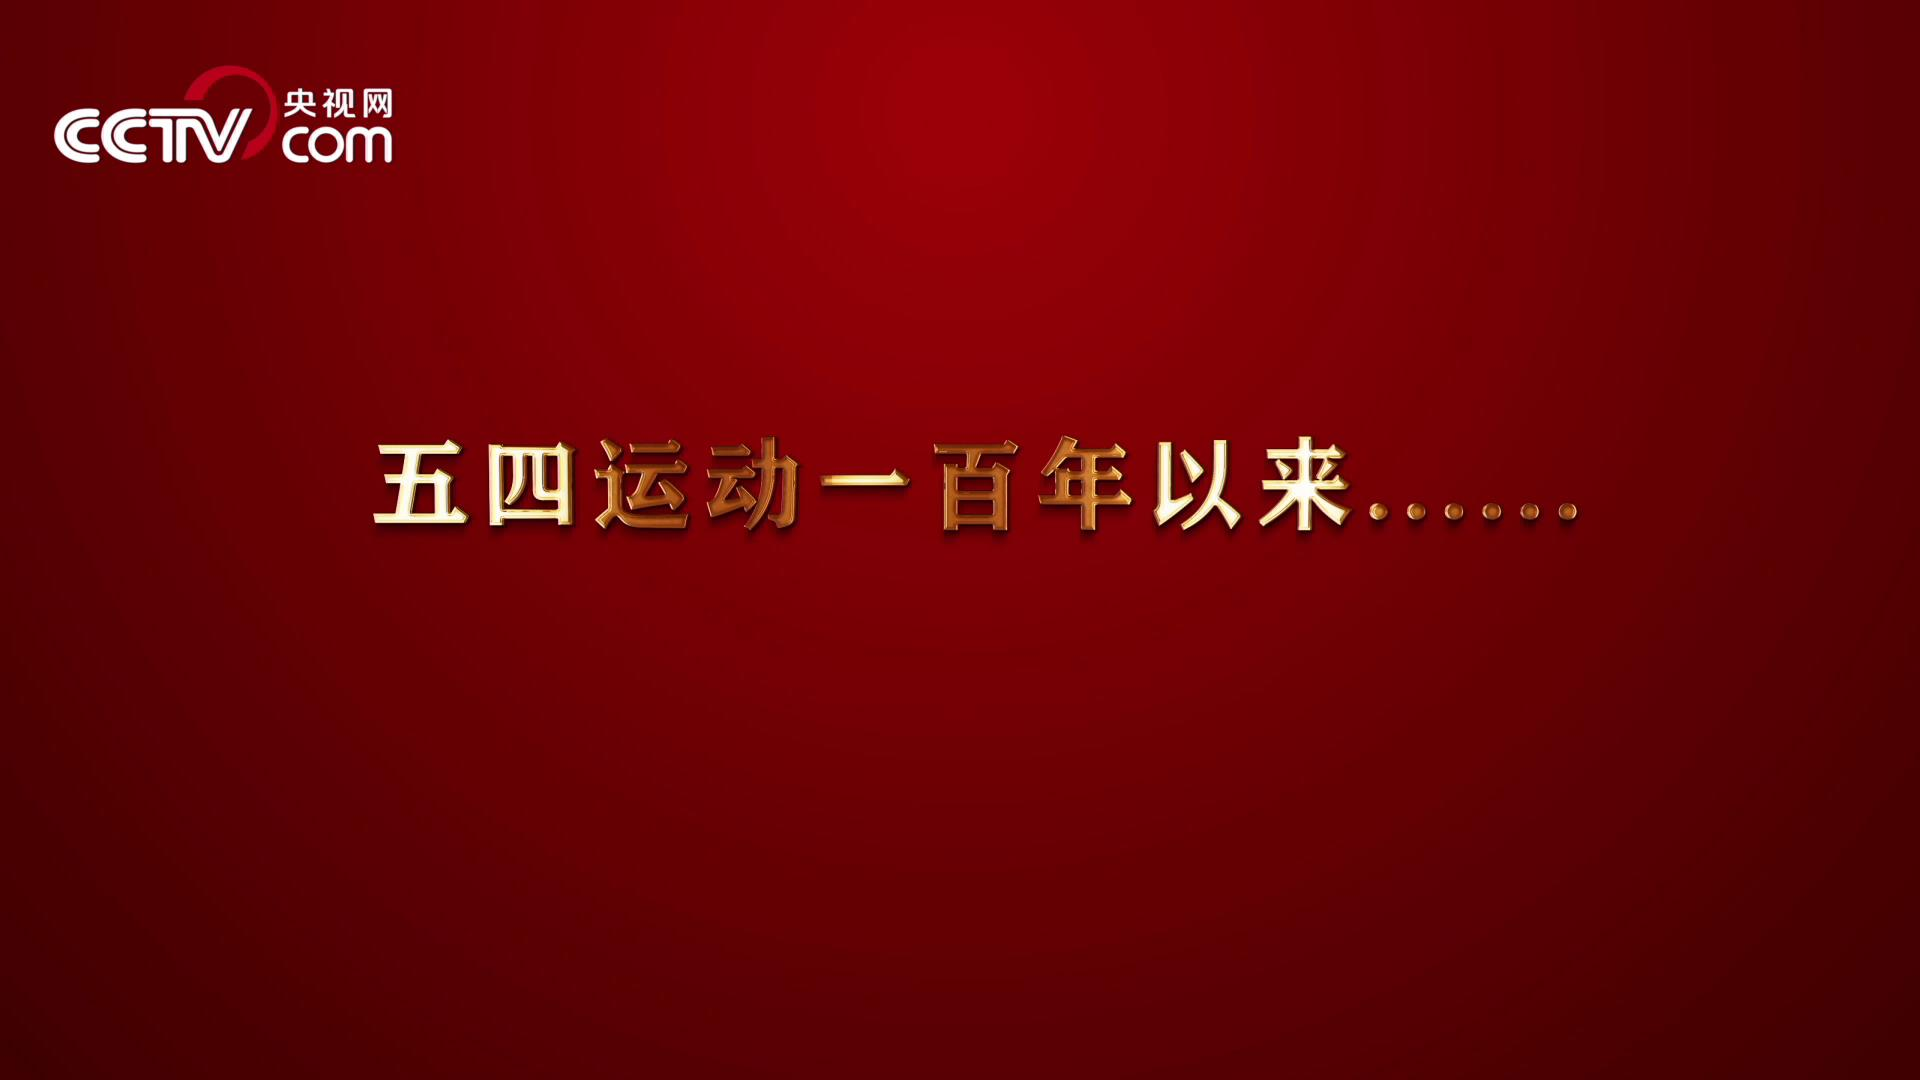 ¡¶重磅微视频£º青春中国¡·图片